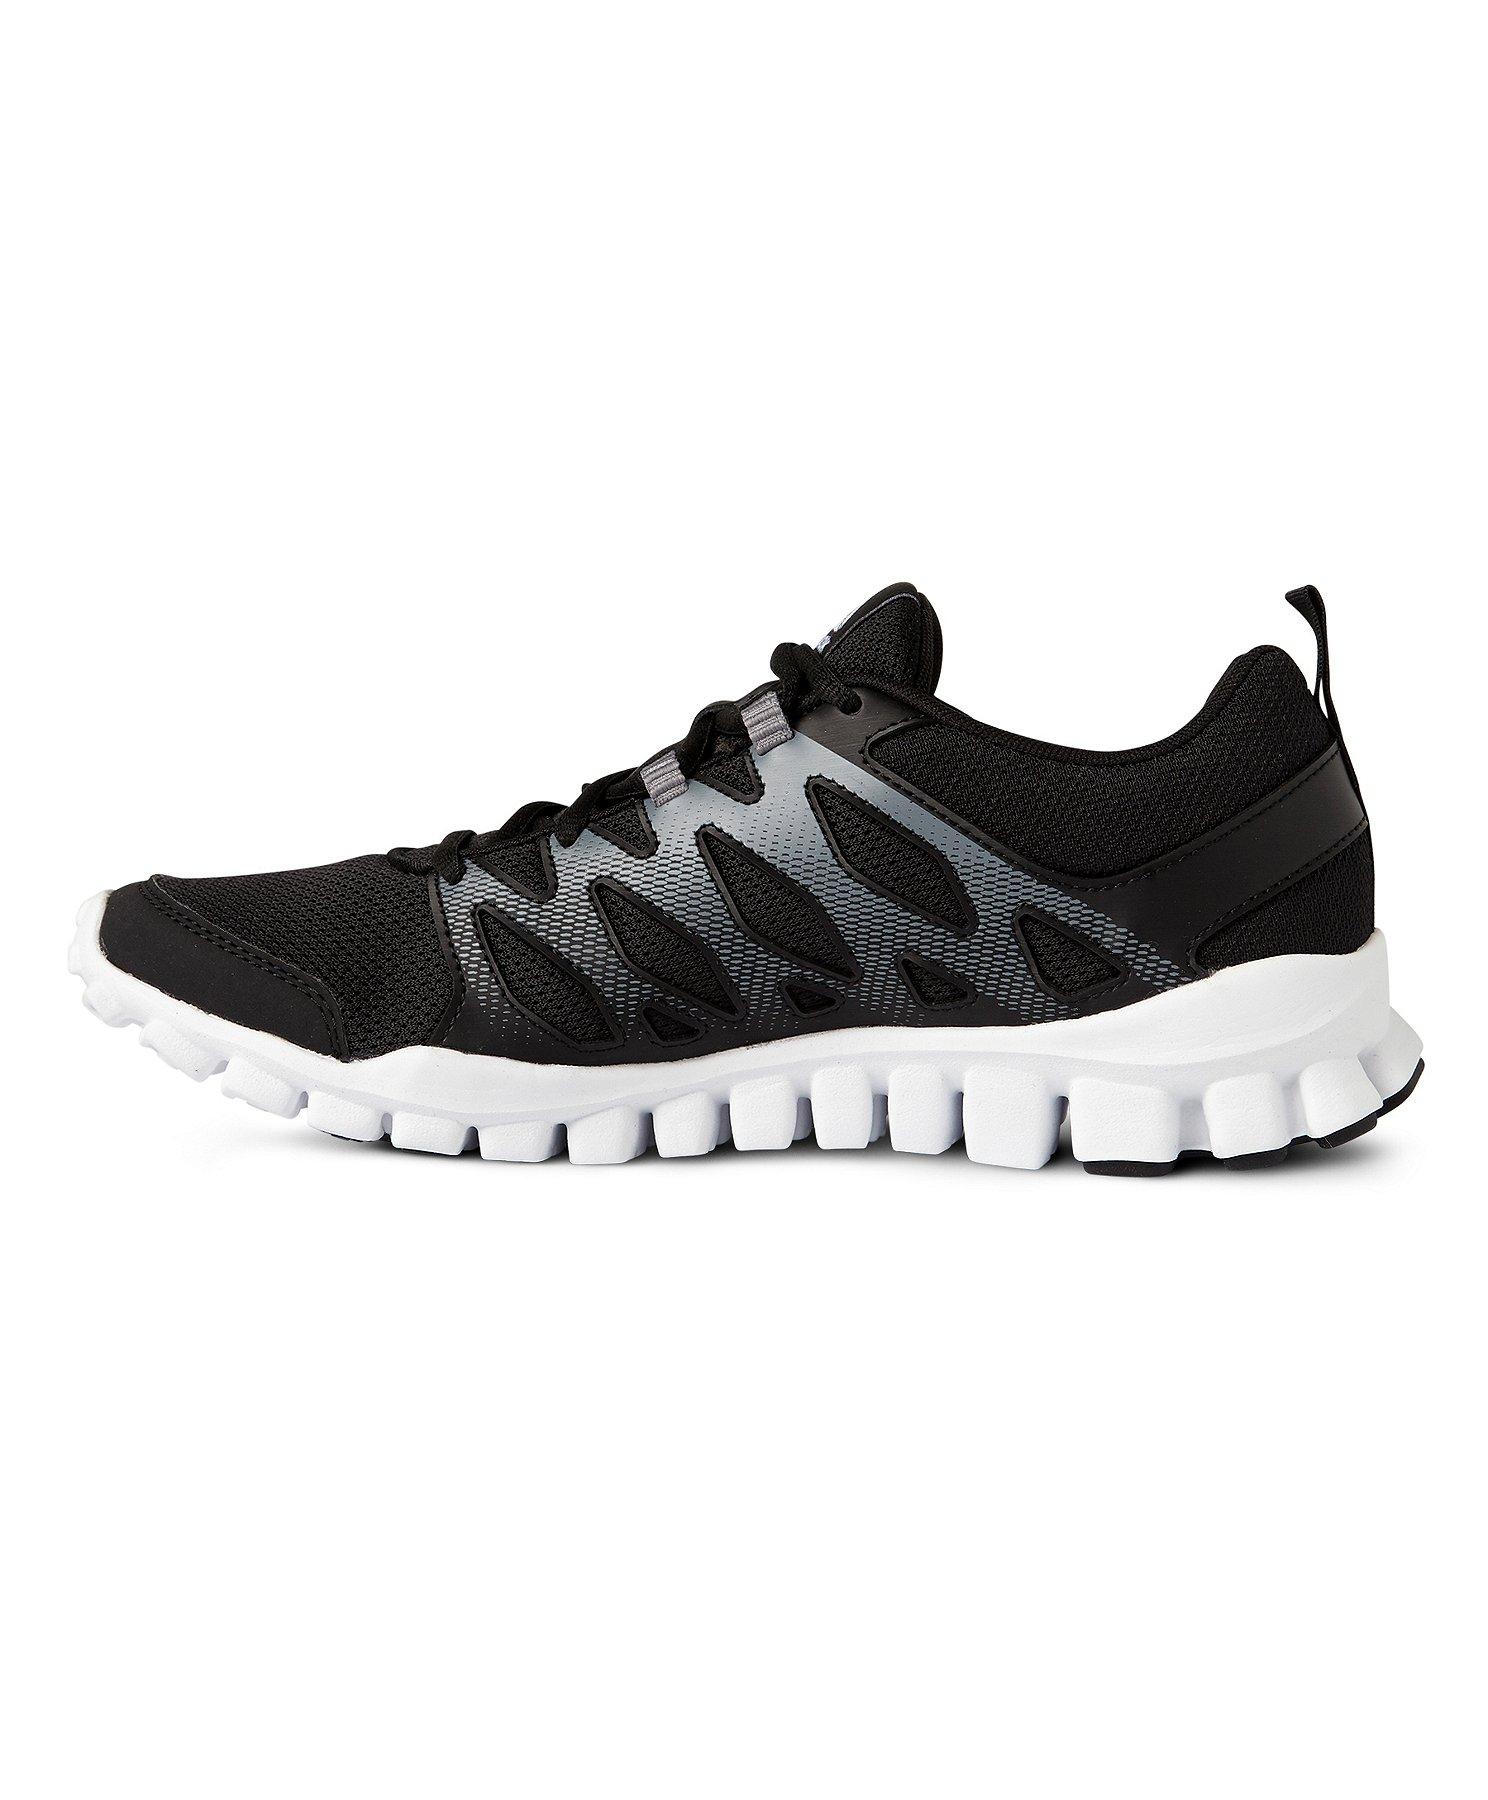 Chaussures de sport pour hommes, Realflex Train 4.0